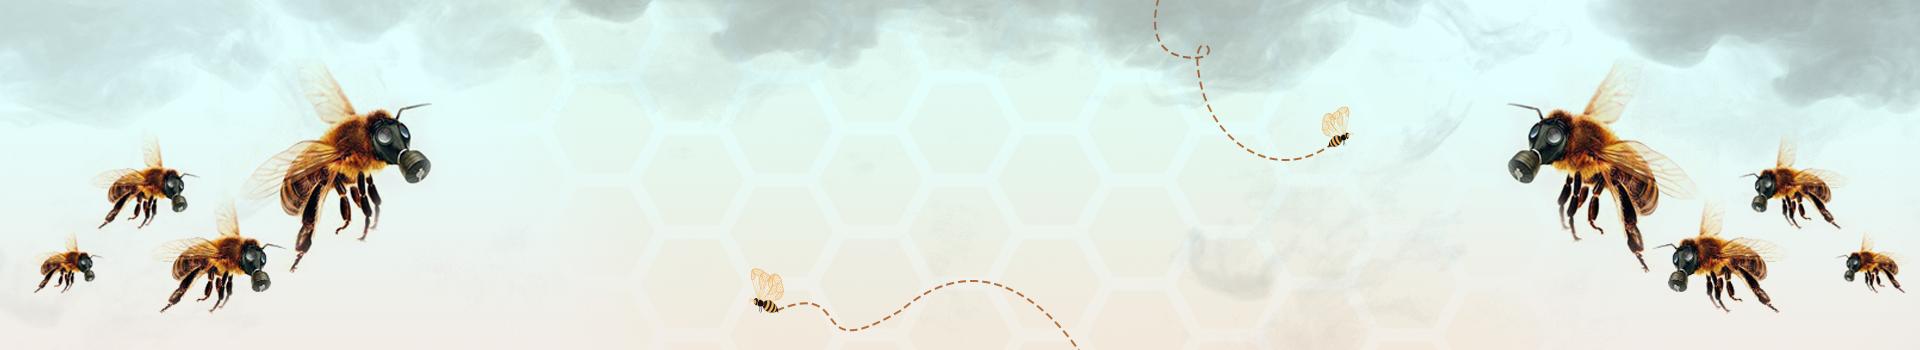 Honey Bee Problems - GeoHoney